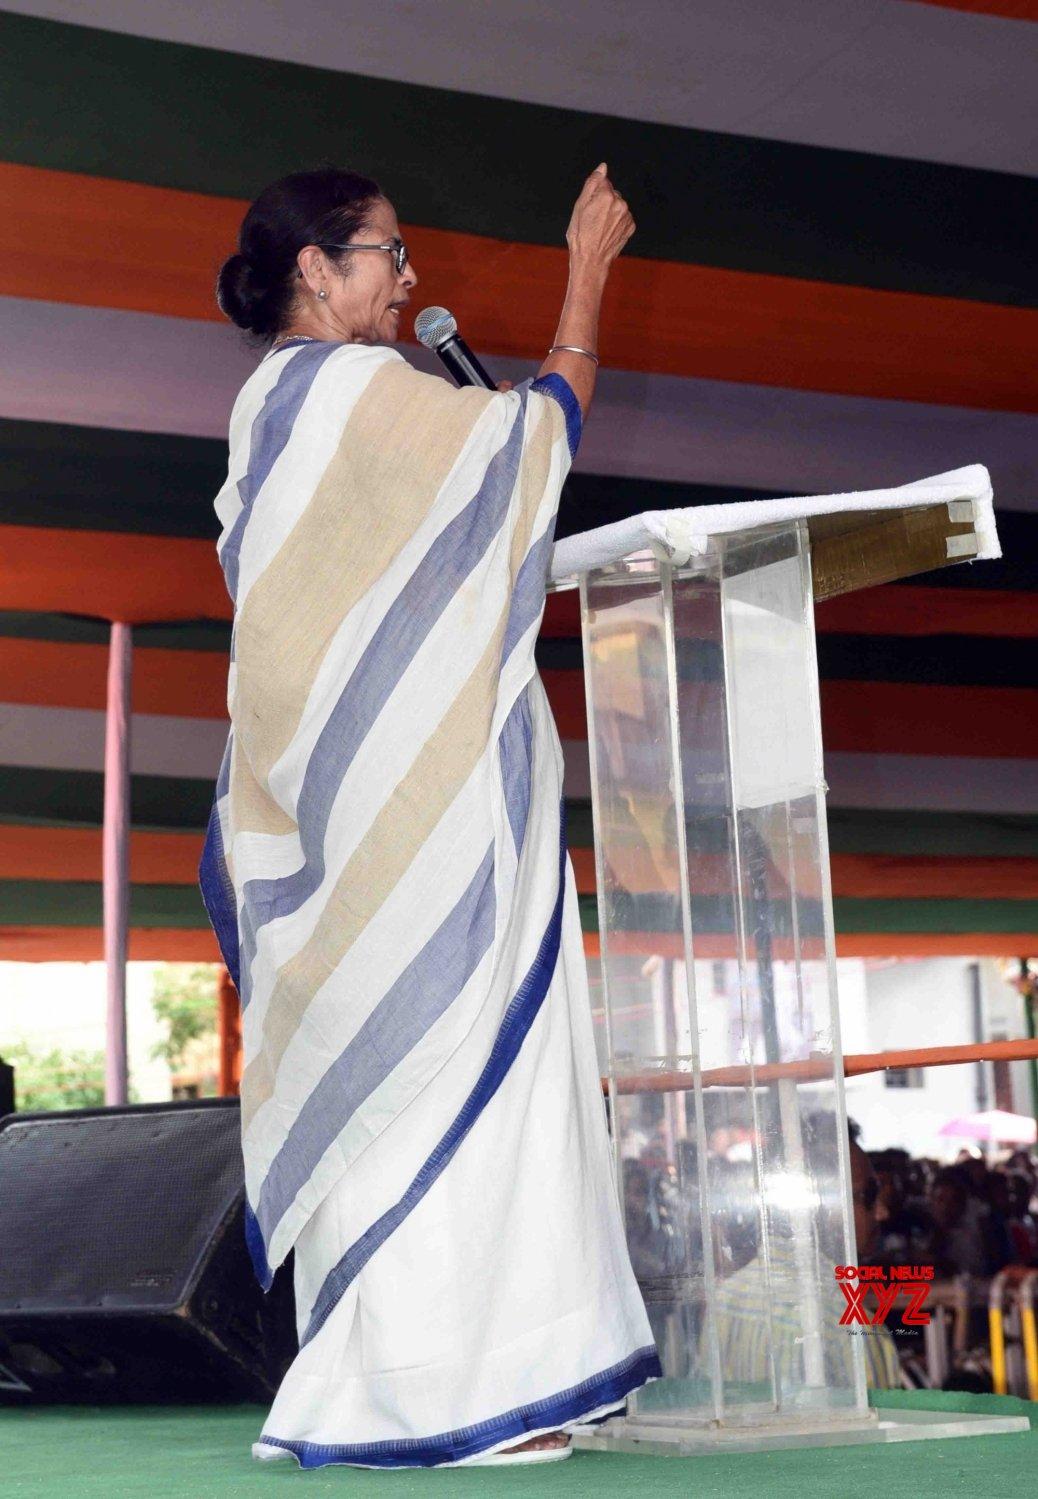 Kanchrapara: Mamata Banerjee during a Trinamool Congress workers' meeting (Batch - 2) #Gallery